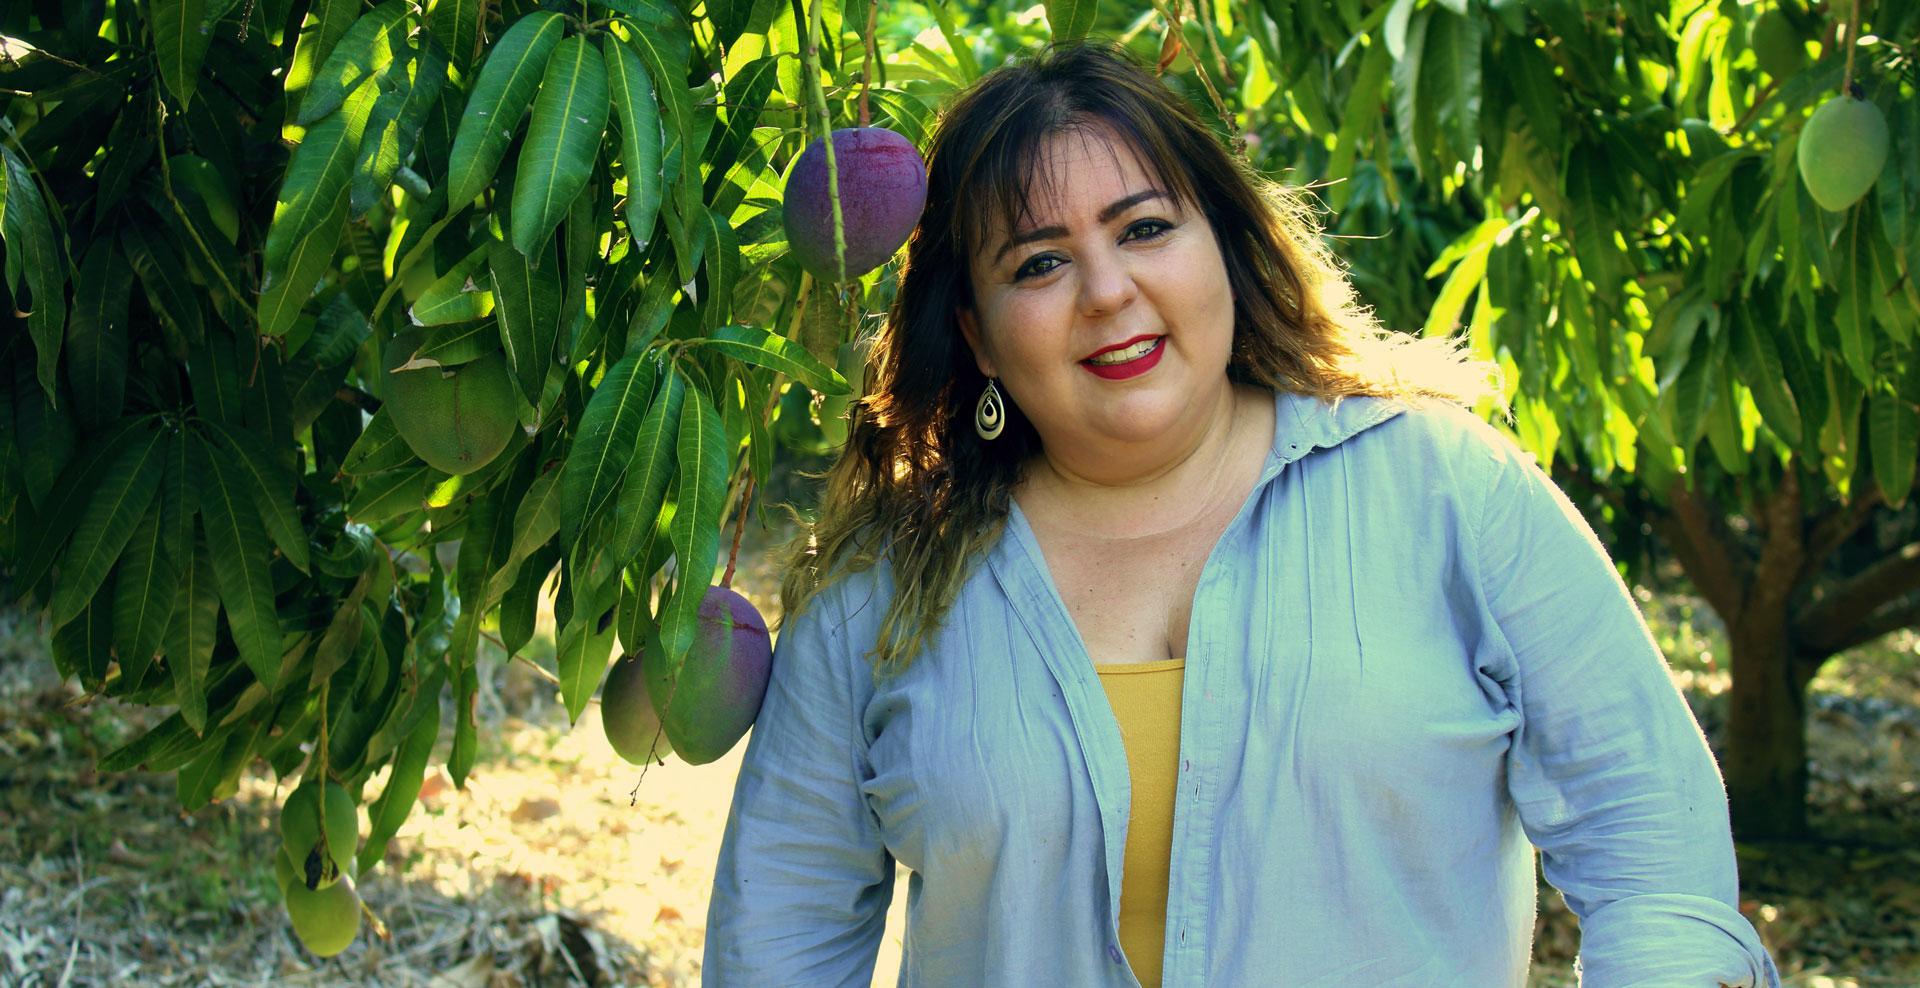 El rol de la mujer en la Agricultura y la Seguridad Alimentaria